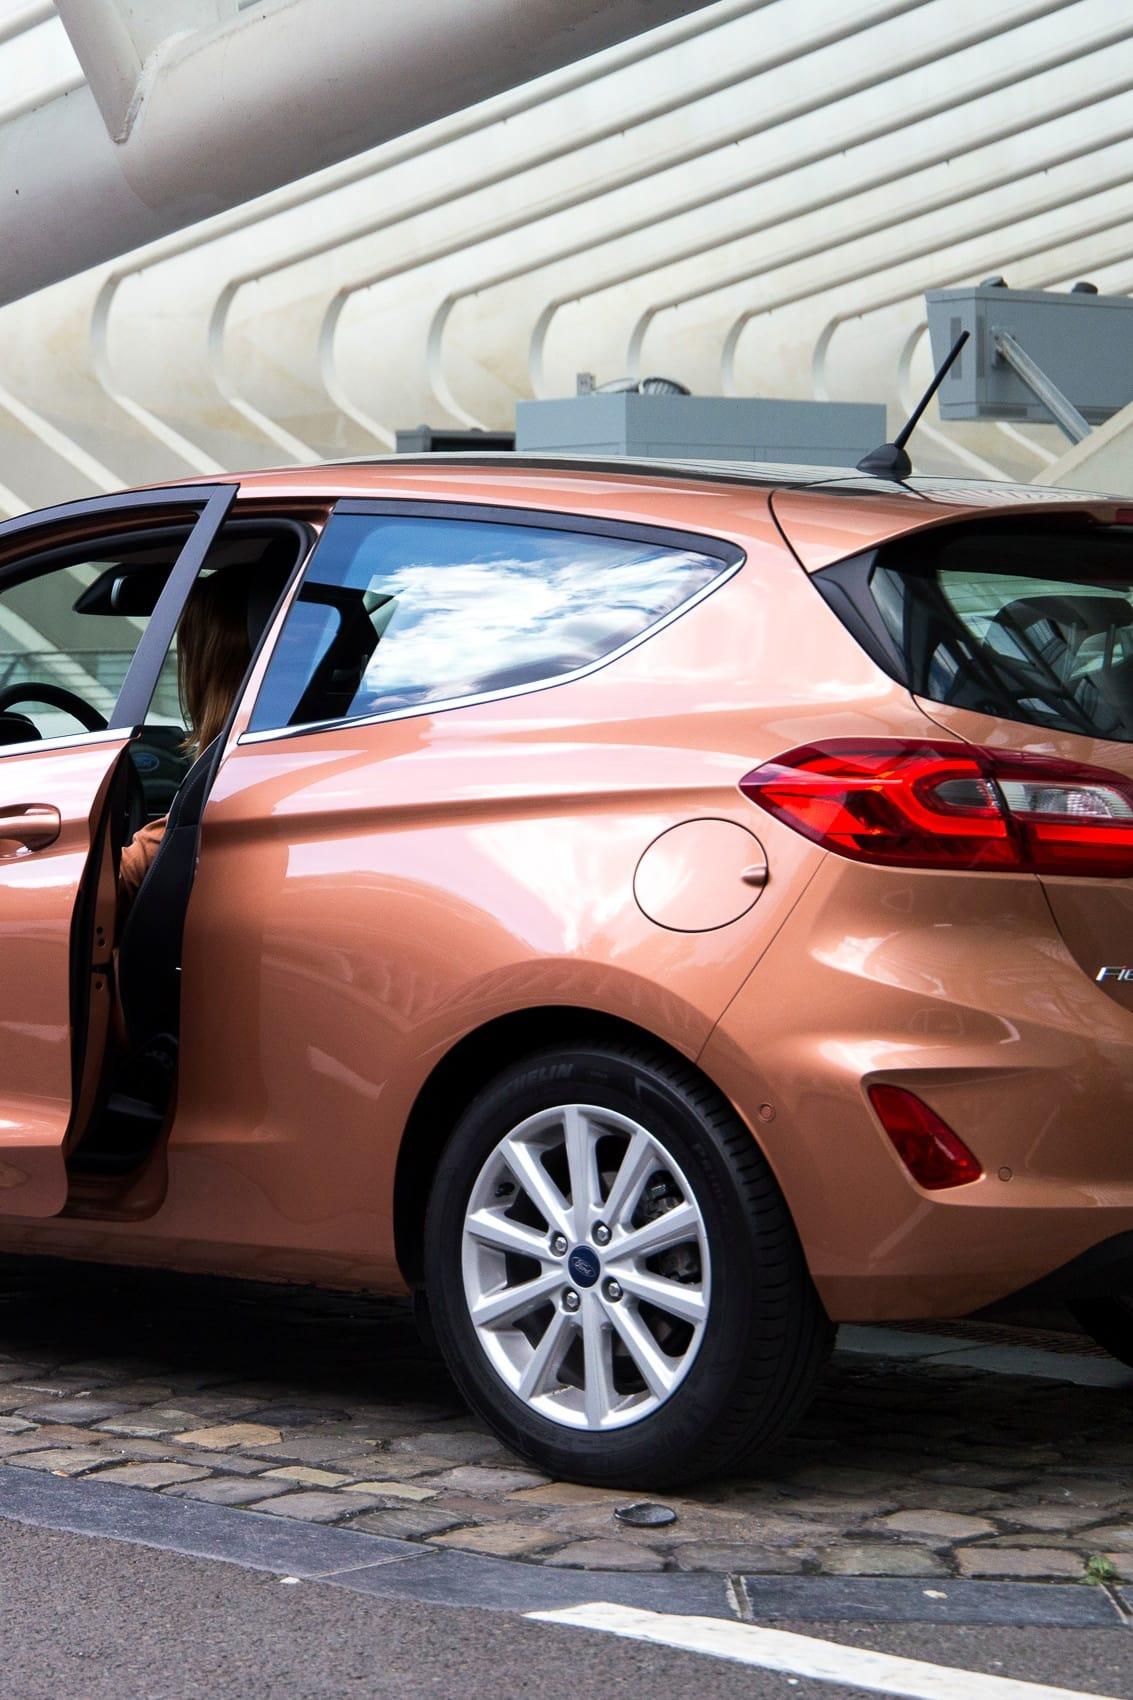 Städtereise mit dem neuen Ford Fiesta 2017 in Kalahari-Braun